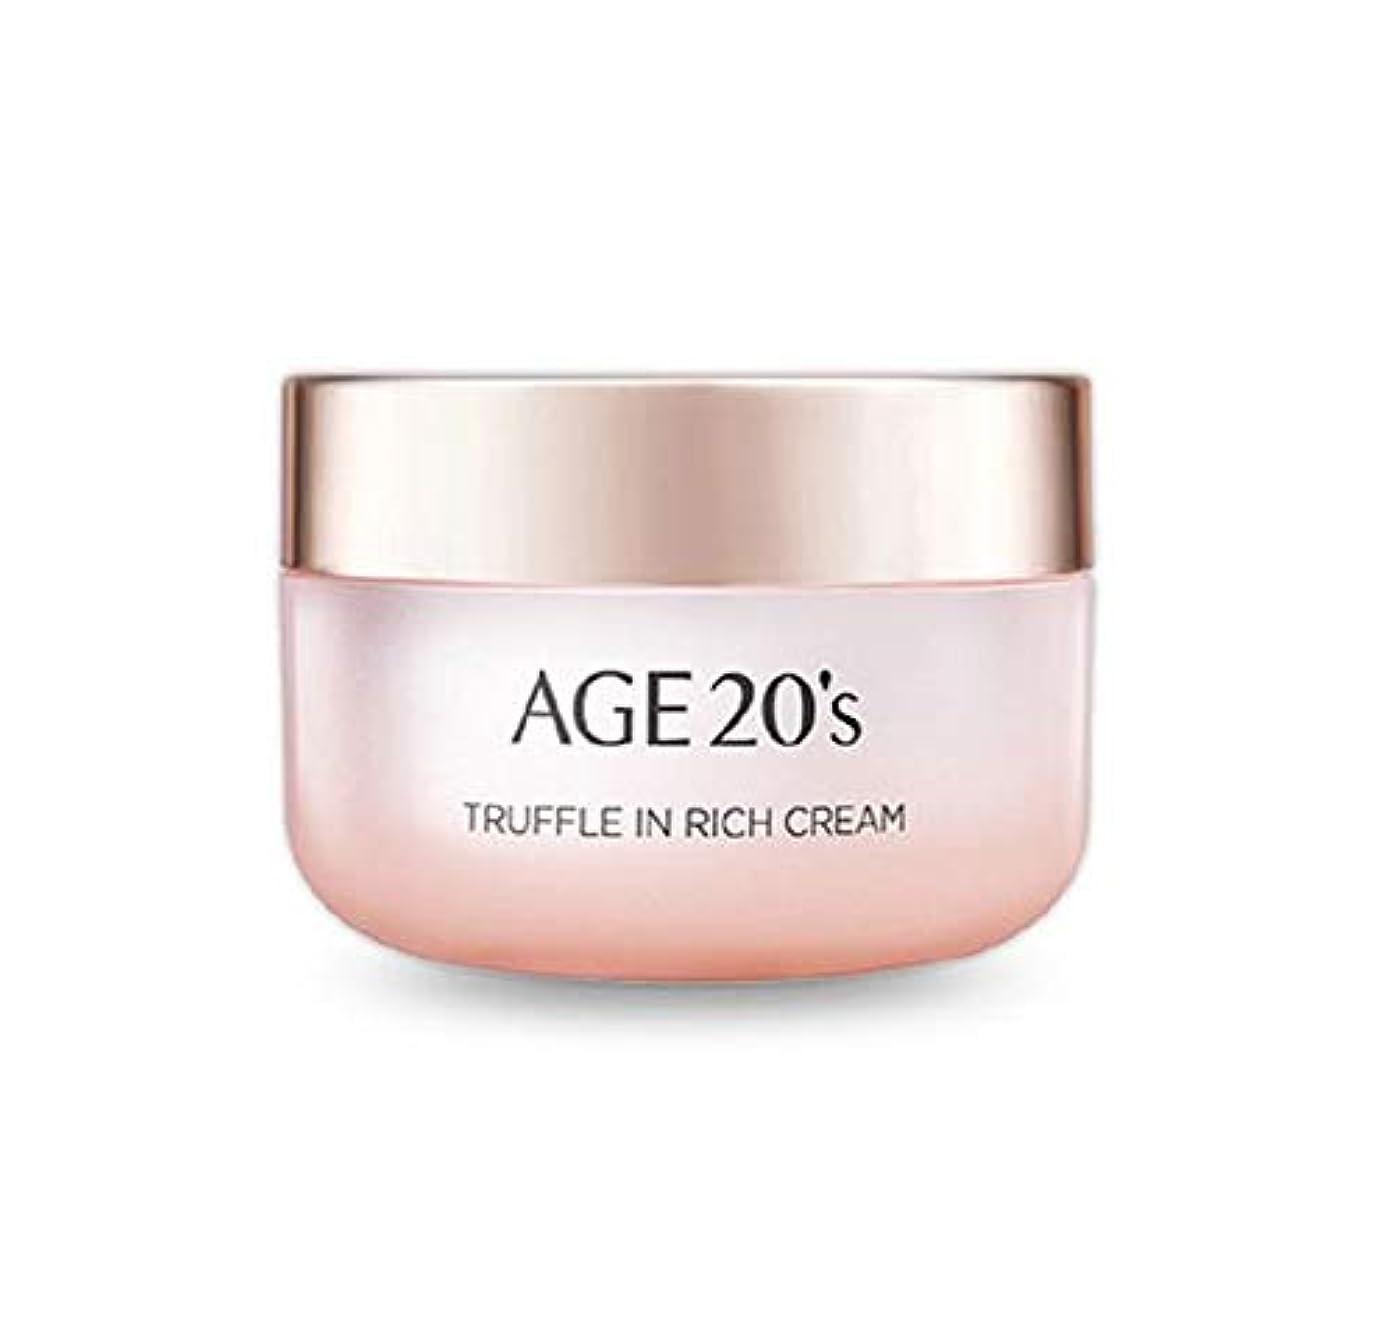 近代化脆い繁殖エイジトゥエンティスAge20's 韓国コスメ トリュフリッチ クリーム 50g 海外直送品 Truffle in rich Cream [並行輸入品]